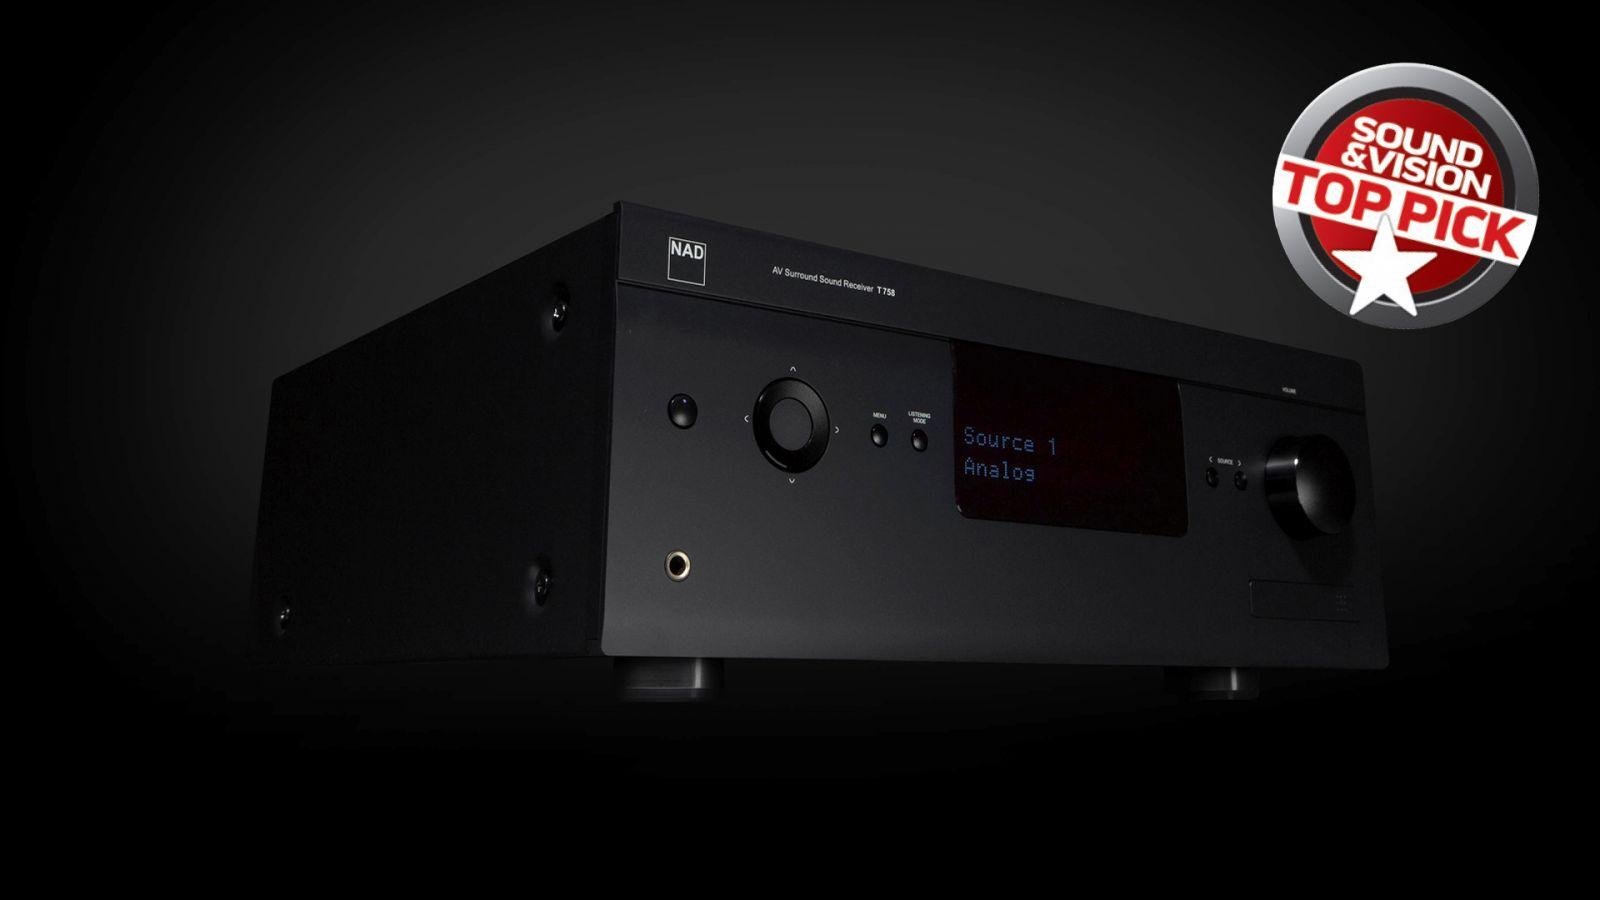 NAD T758v3 teszt a Sound and Vision-nél